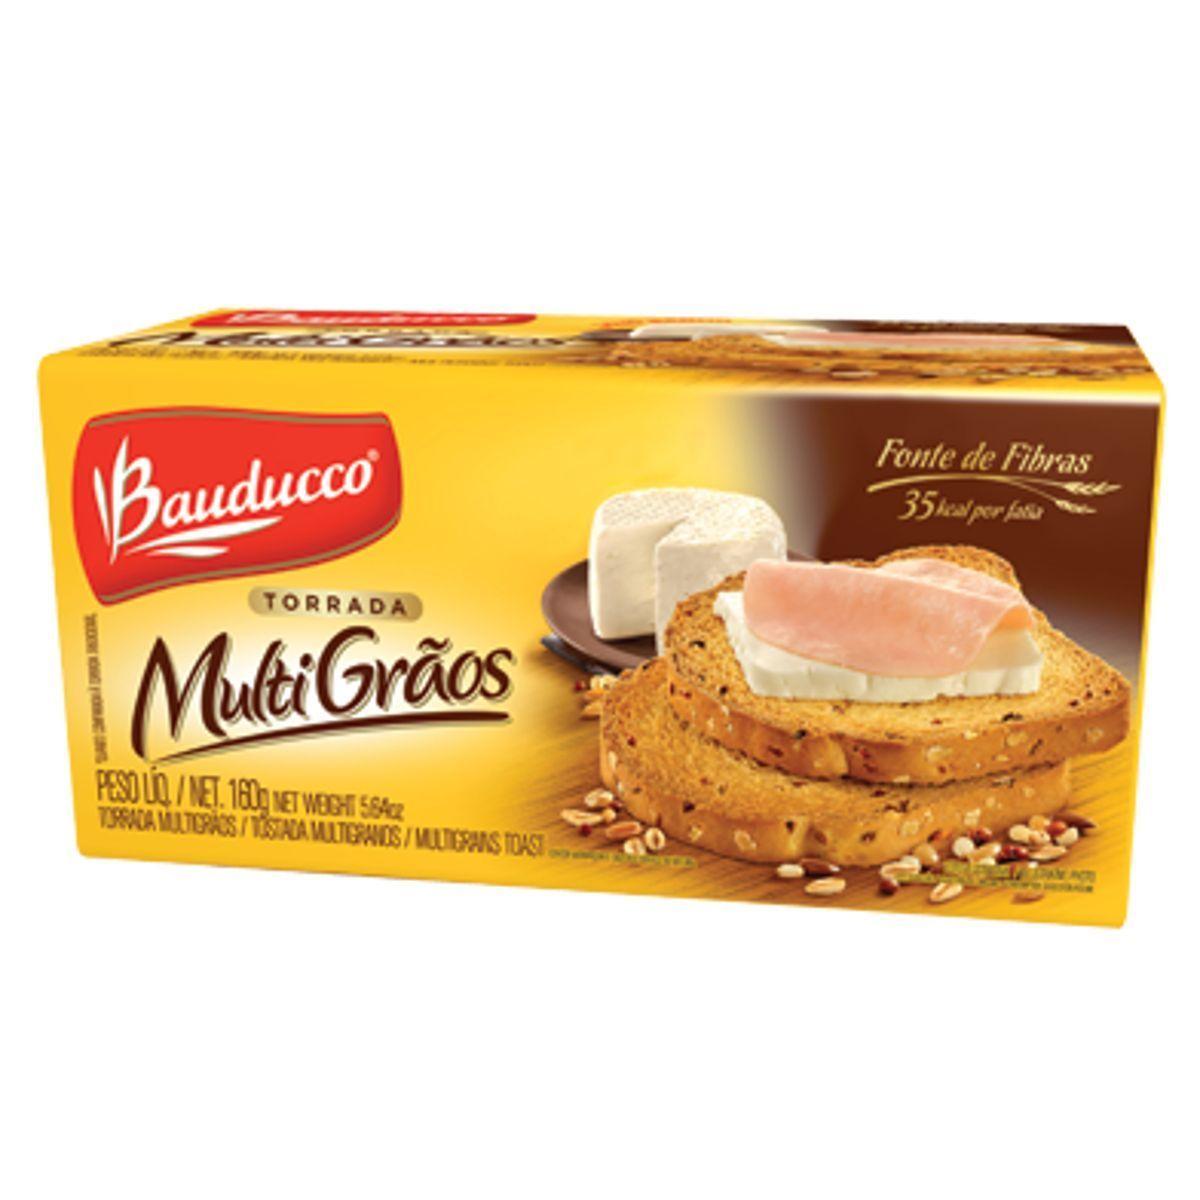 TORRADA MULTIGRÃOS BAUDUCCO 143G